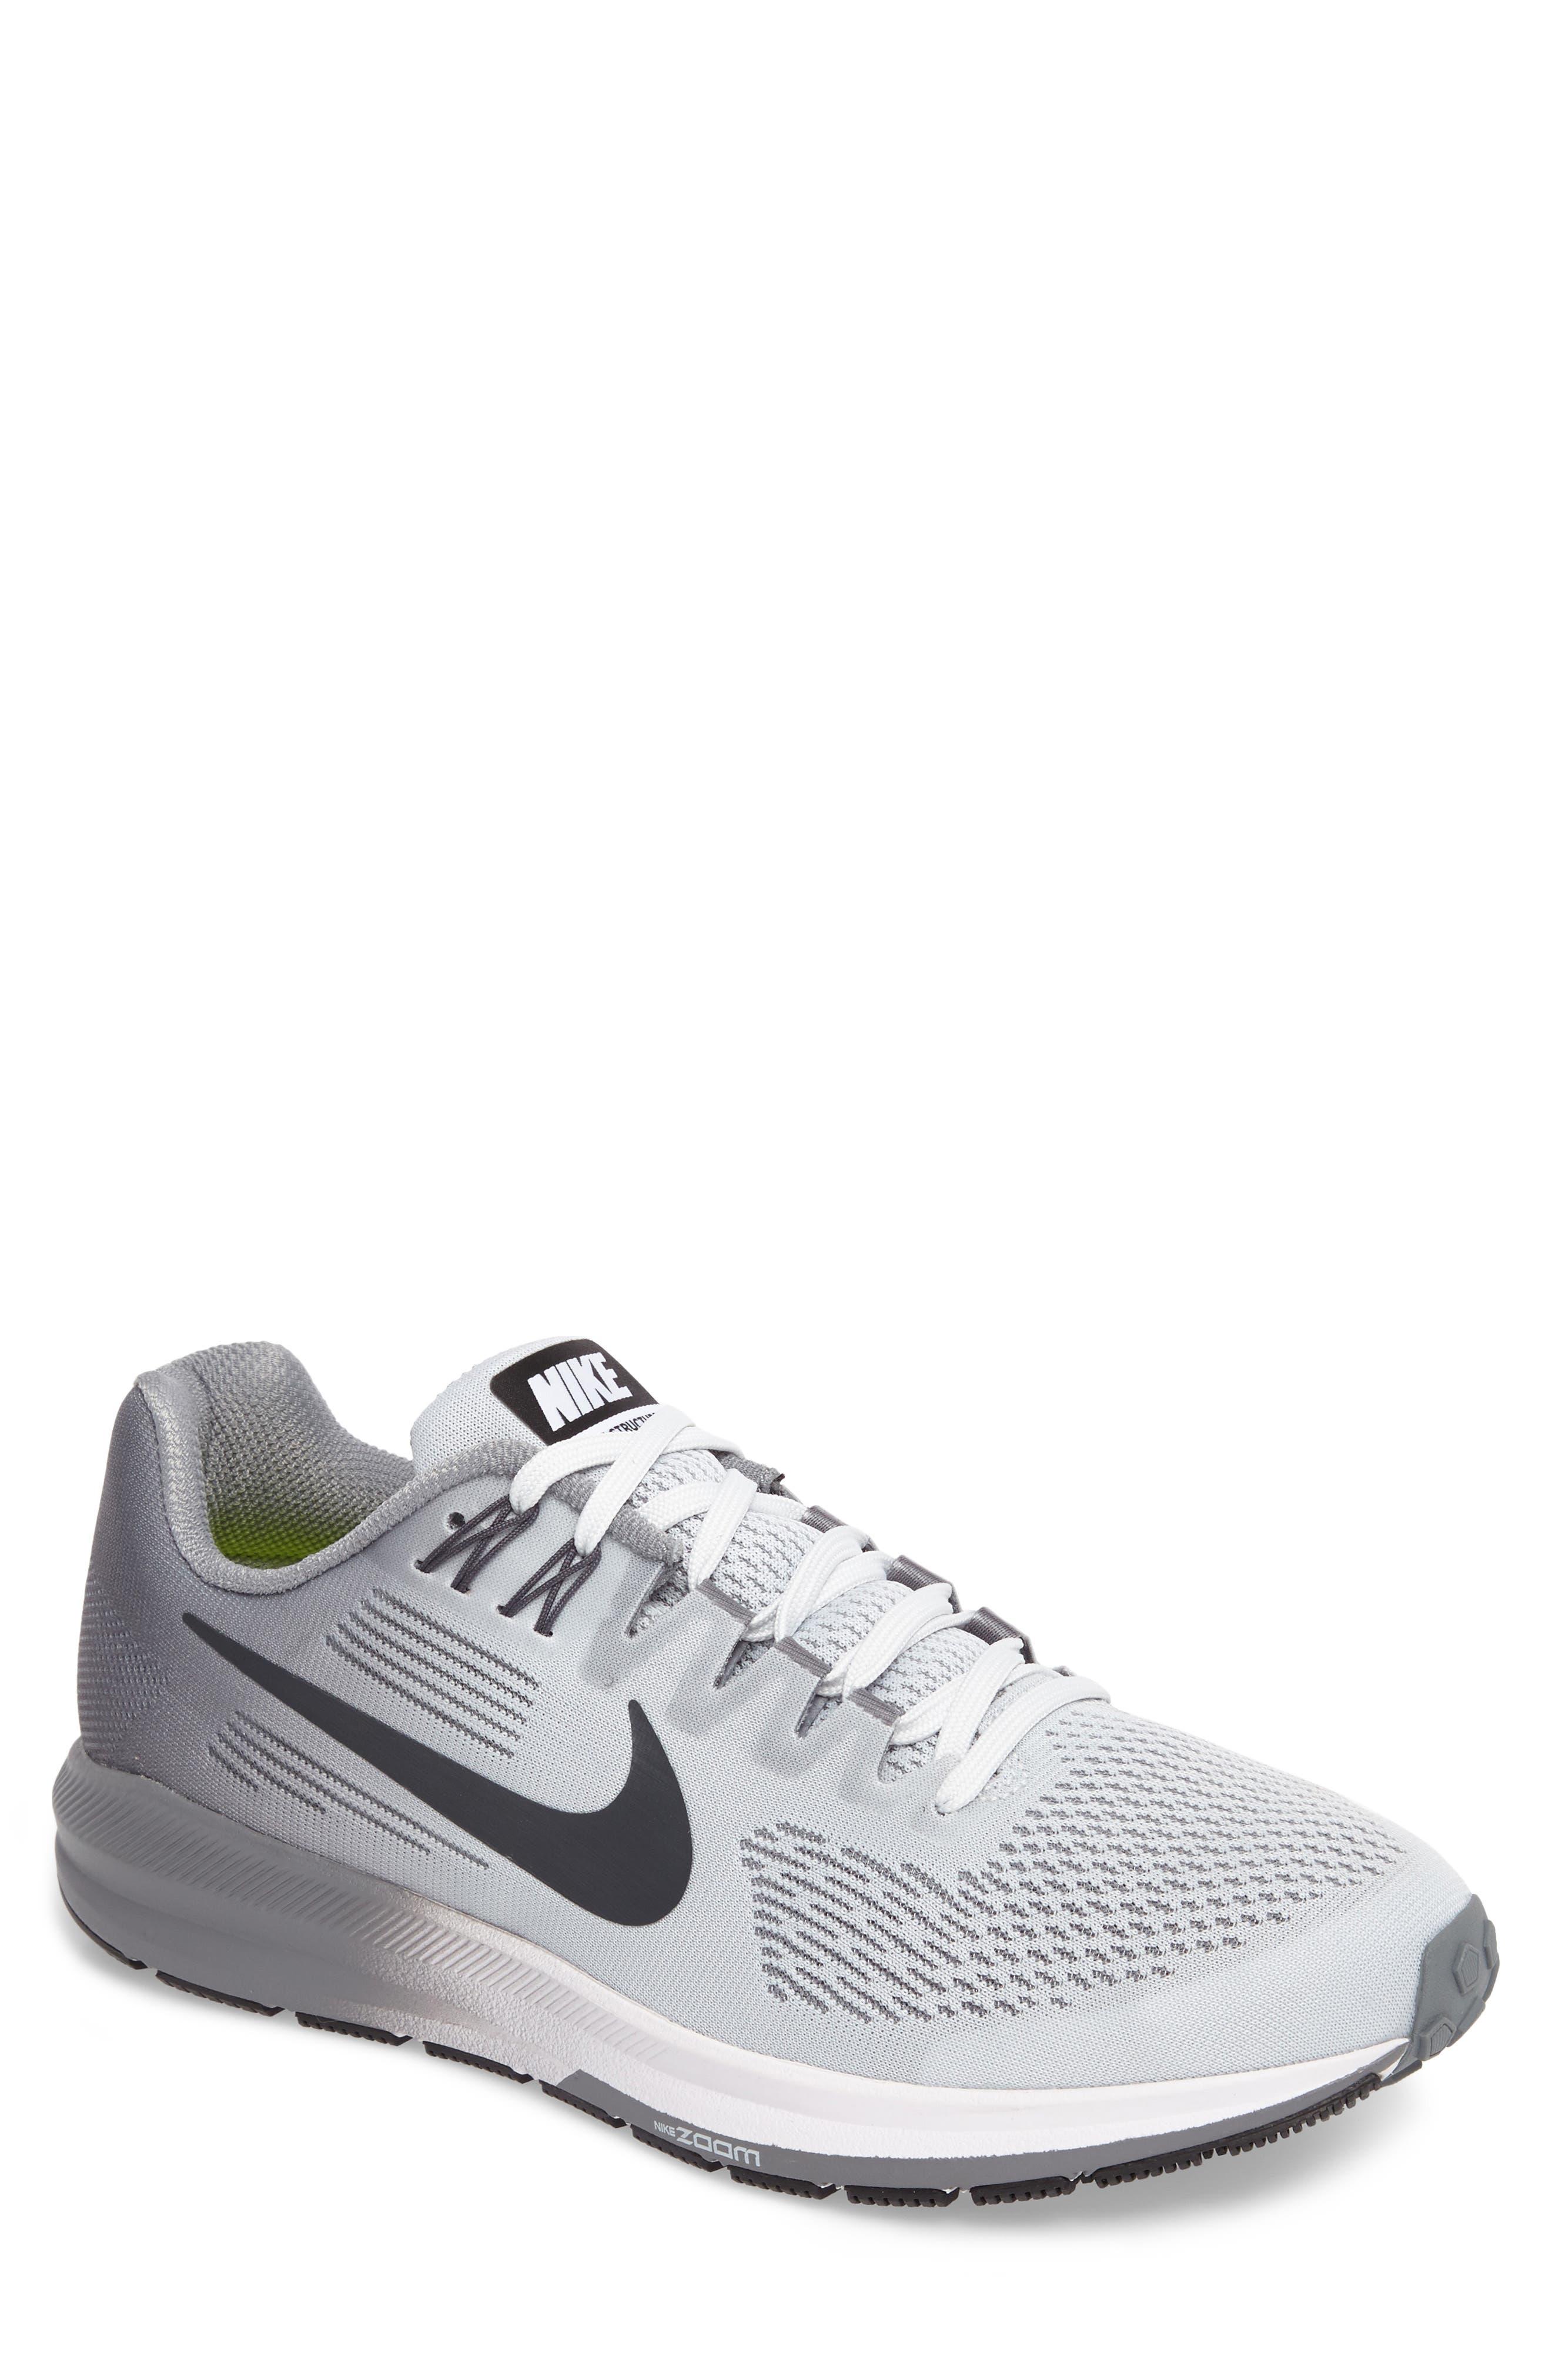 offre pas cher exclusif Nike Structure Zoom Air 18 Hommes De Bandes De Mariage En Or Blanc vJ8heUdIq2